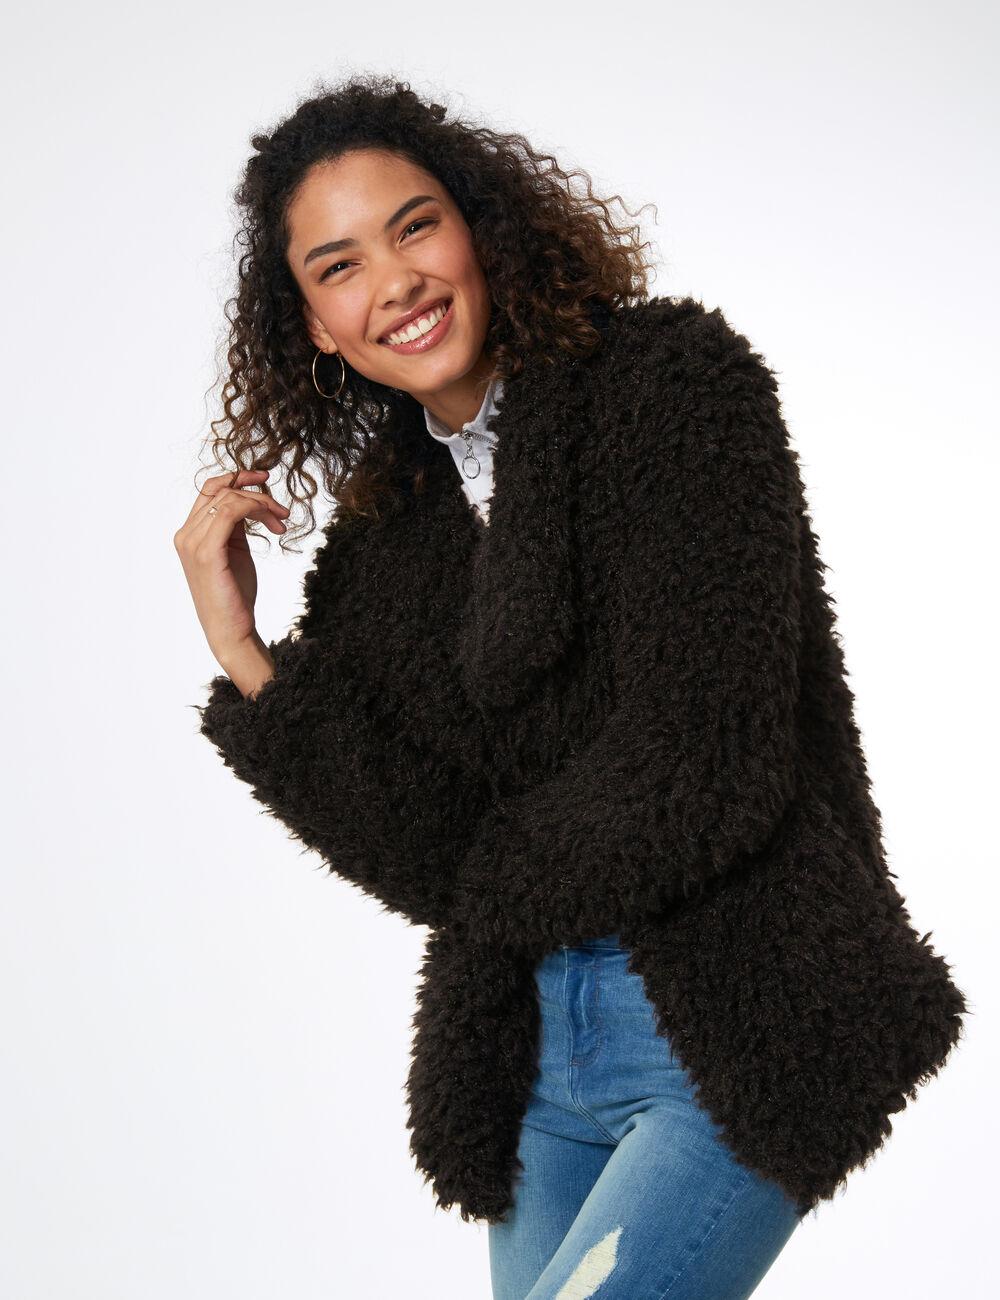 Veste Femme Fourrure Veste Noire Imitation Imitation P5qnwT0